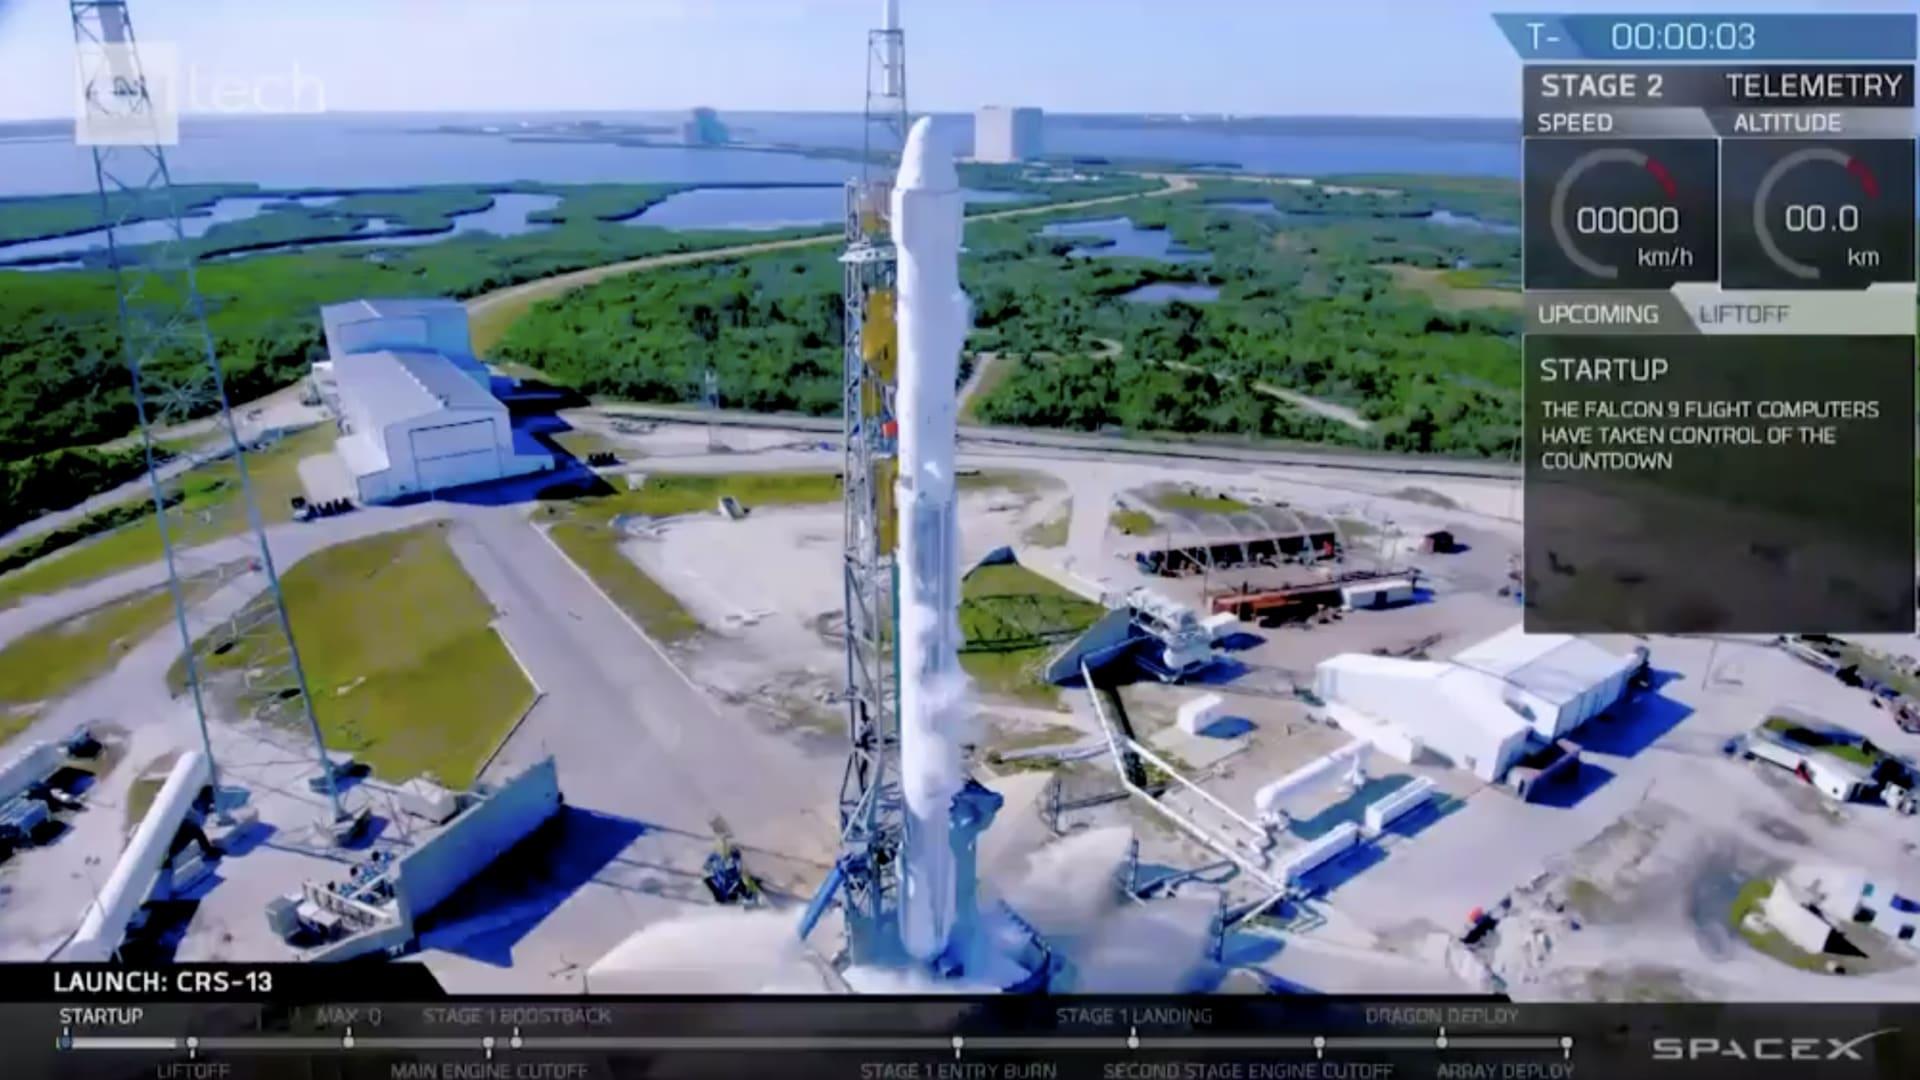 شاهد.. لأول مرة إطلاق صاروخ استخدم سابقاً الى الفضاء